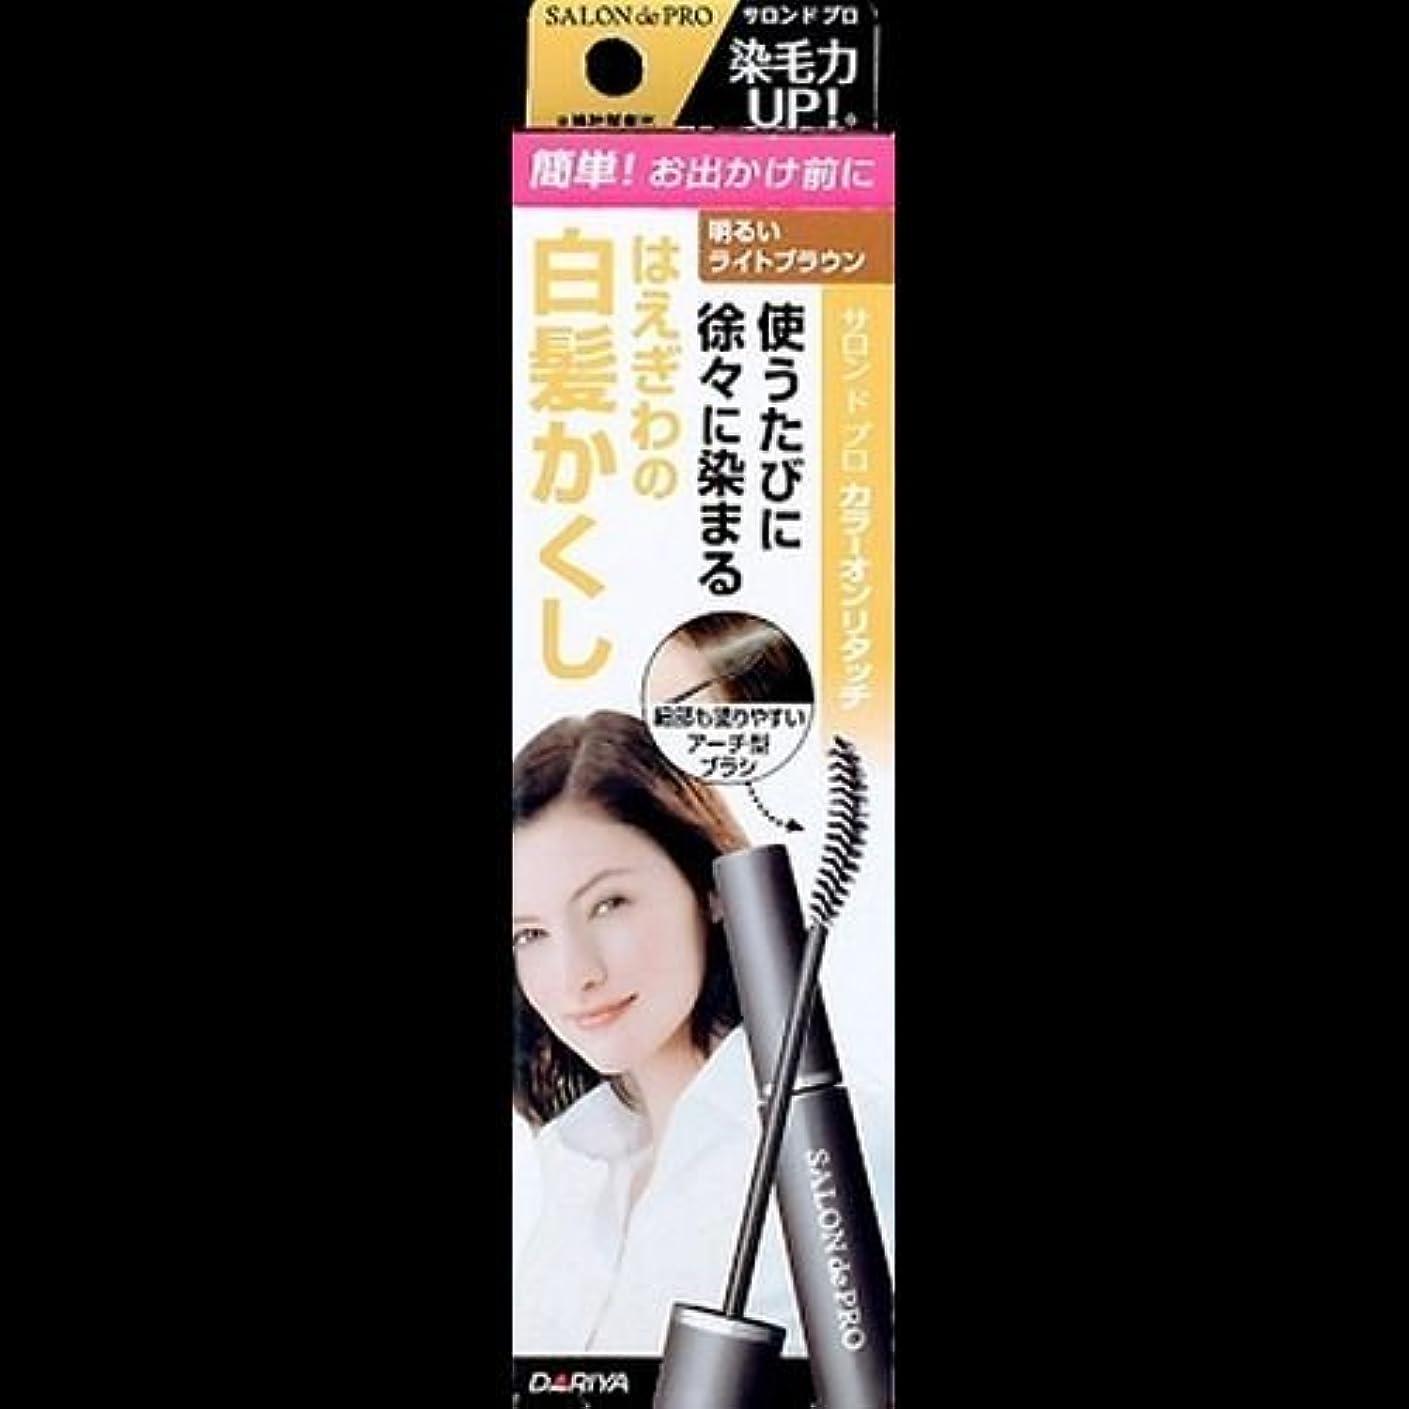 ホット重荷の中で【まとめ買い】サロンドプロ カラーオンリタッチ 白髪かくしEX 明るいライトブラウン 15ml ×2セット